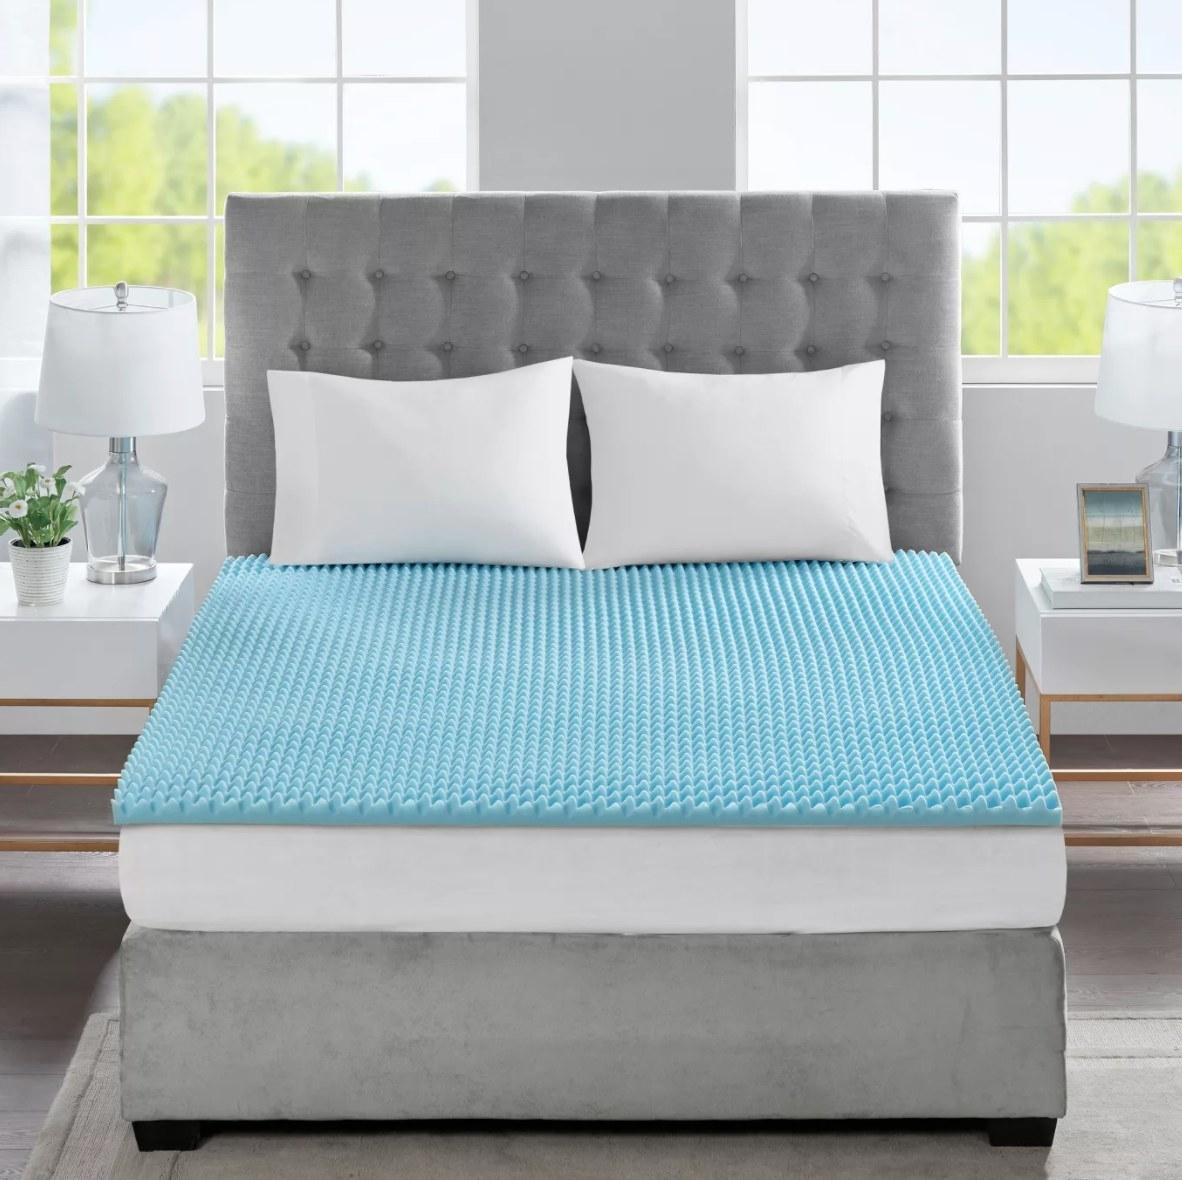 The light blue texture memory foam mattress topper